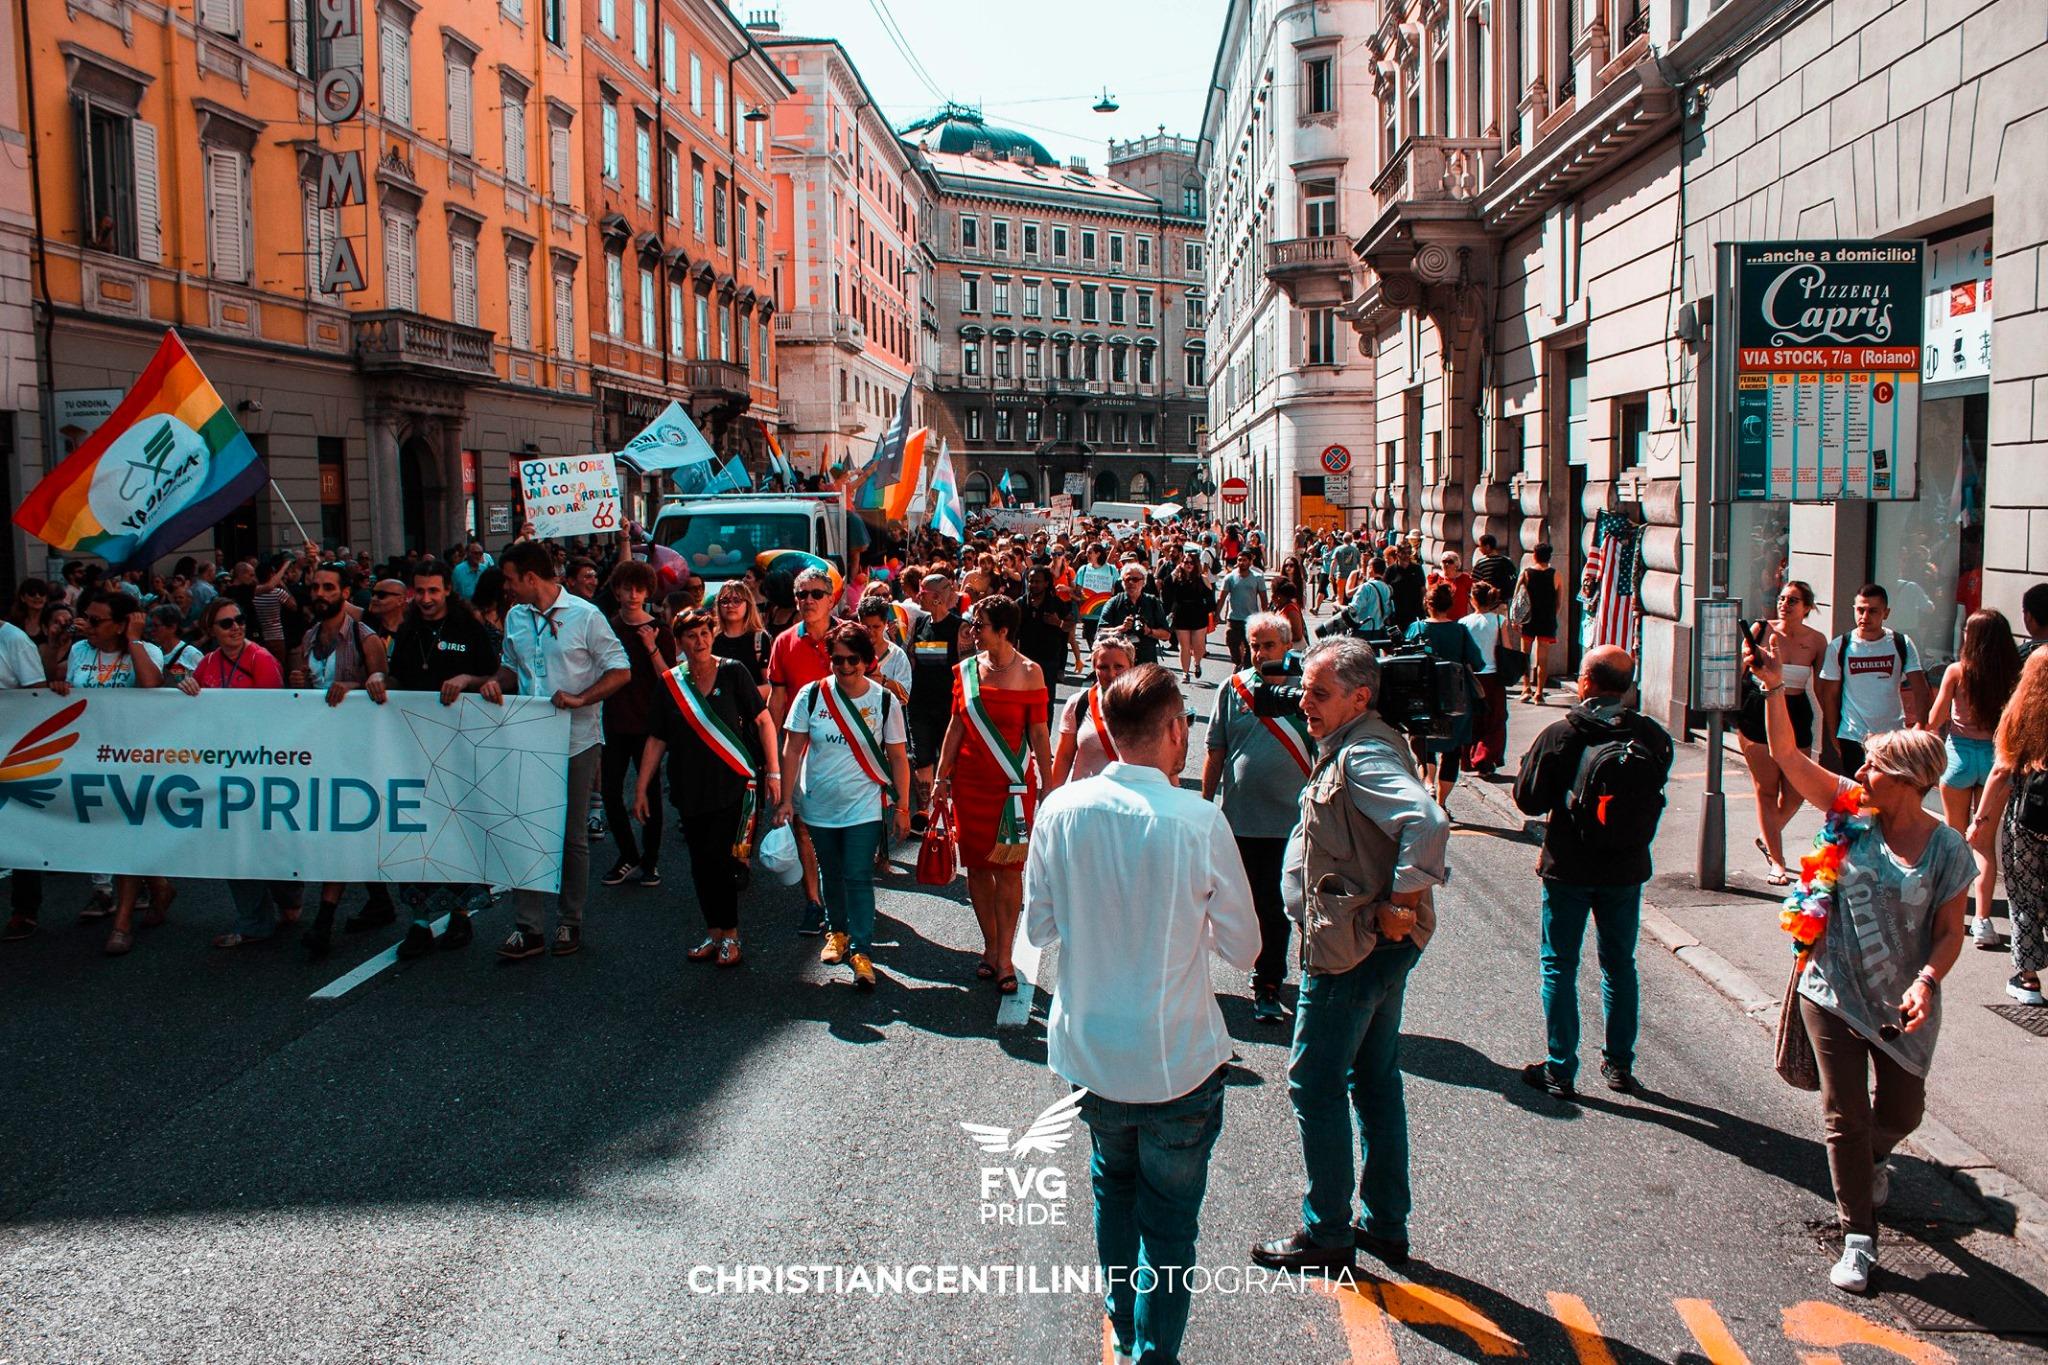 Immagine per Fu la fine di tante umiliazioni, Gorizia celebra la Giornata contro l'omofobia